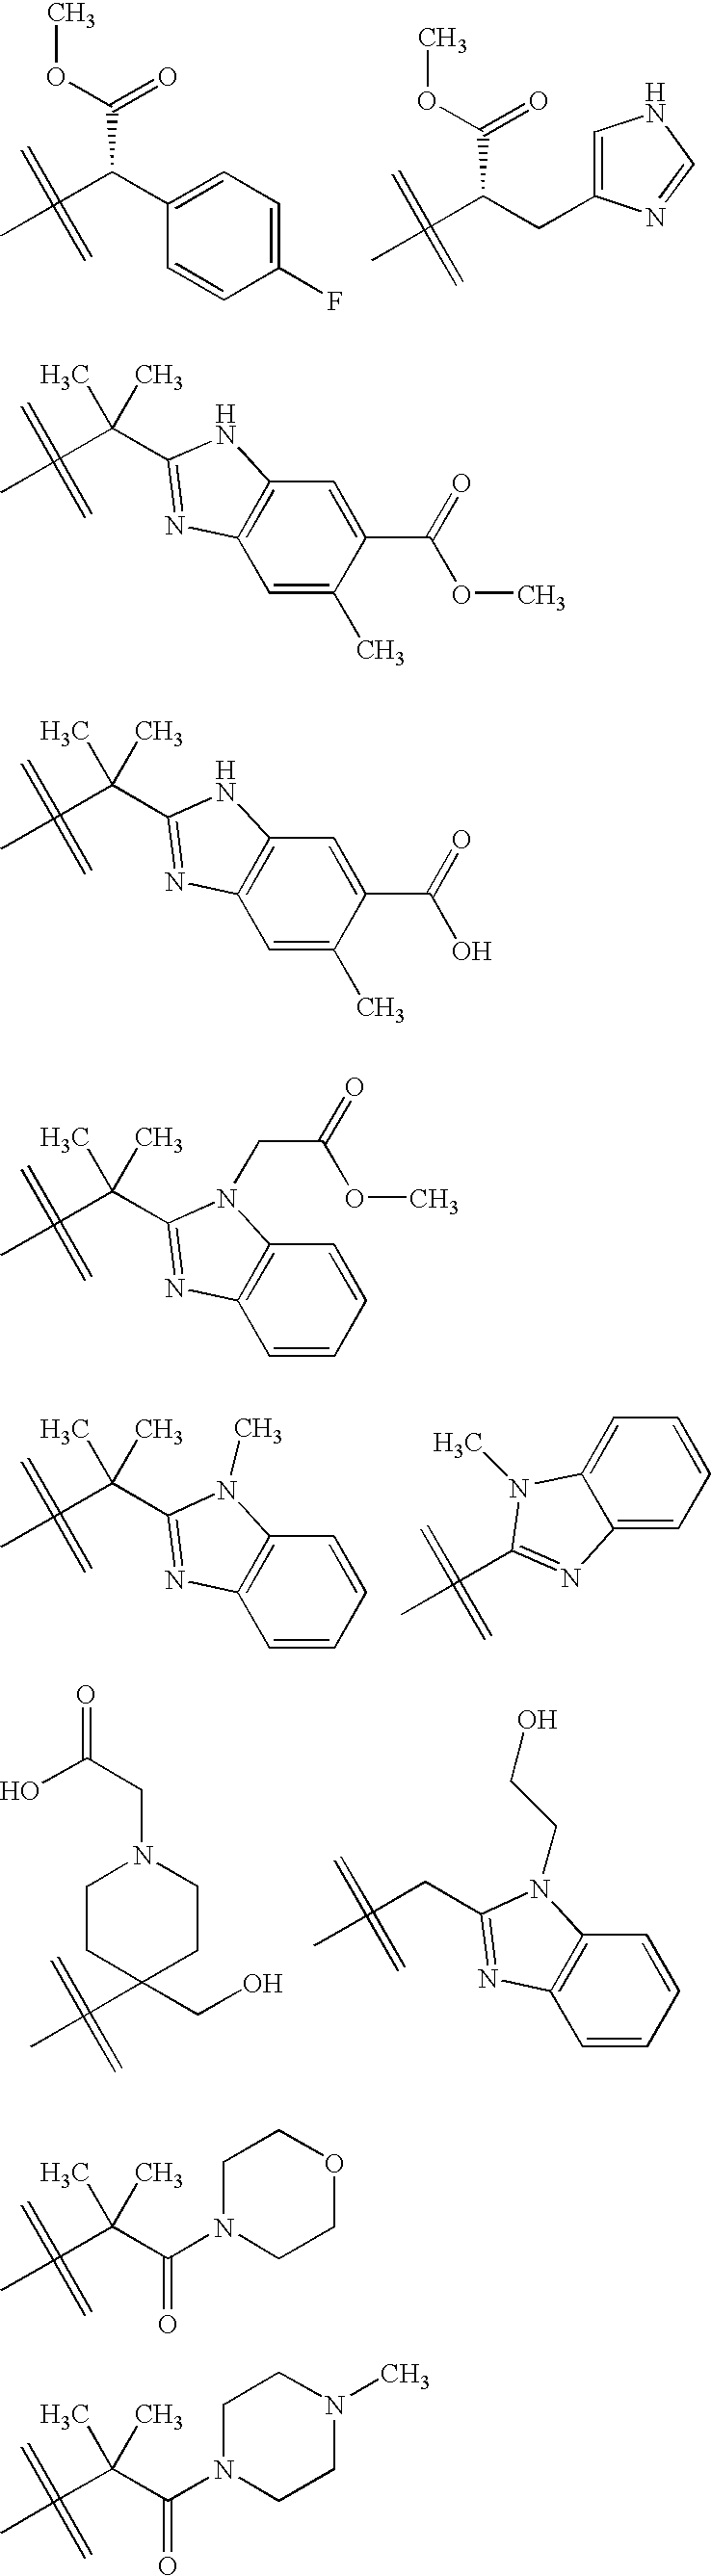 Figure US20070049593A1-20070301-C00180